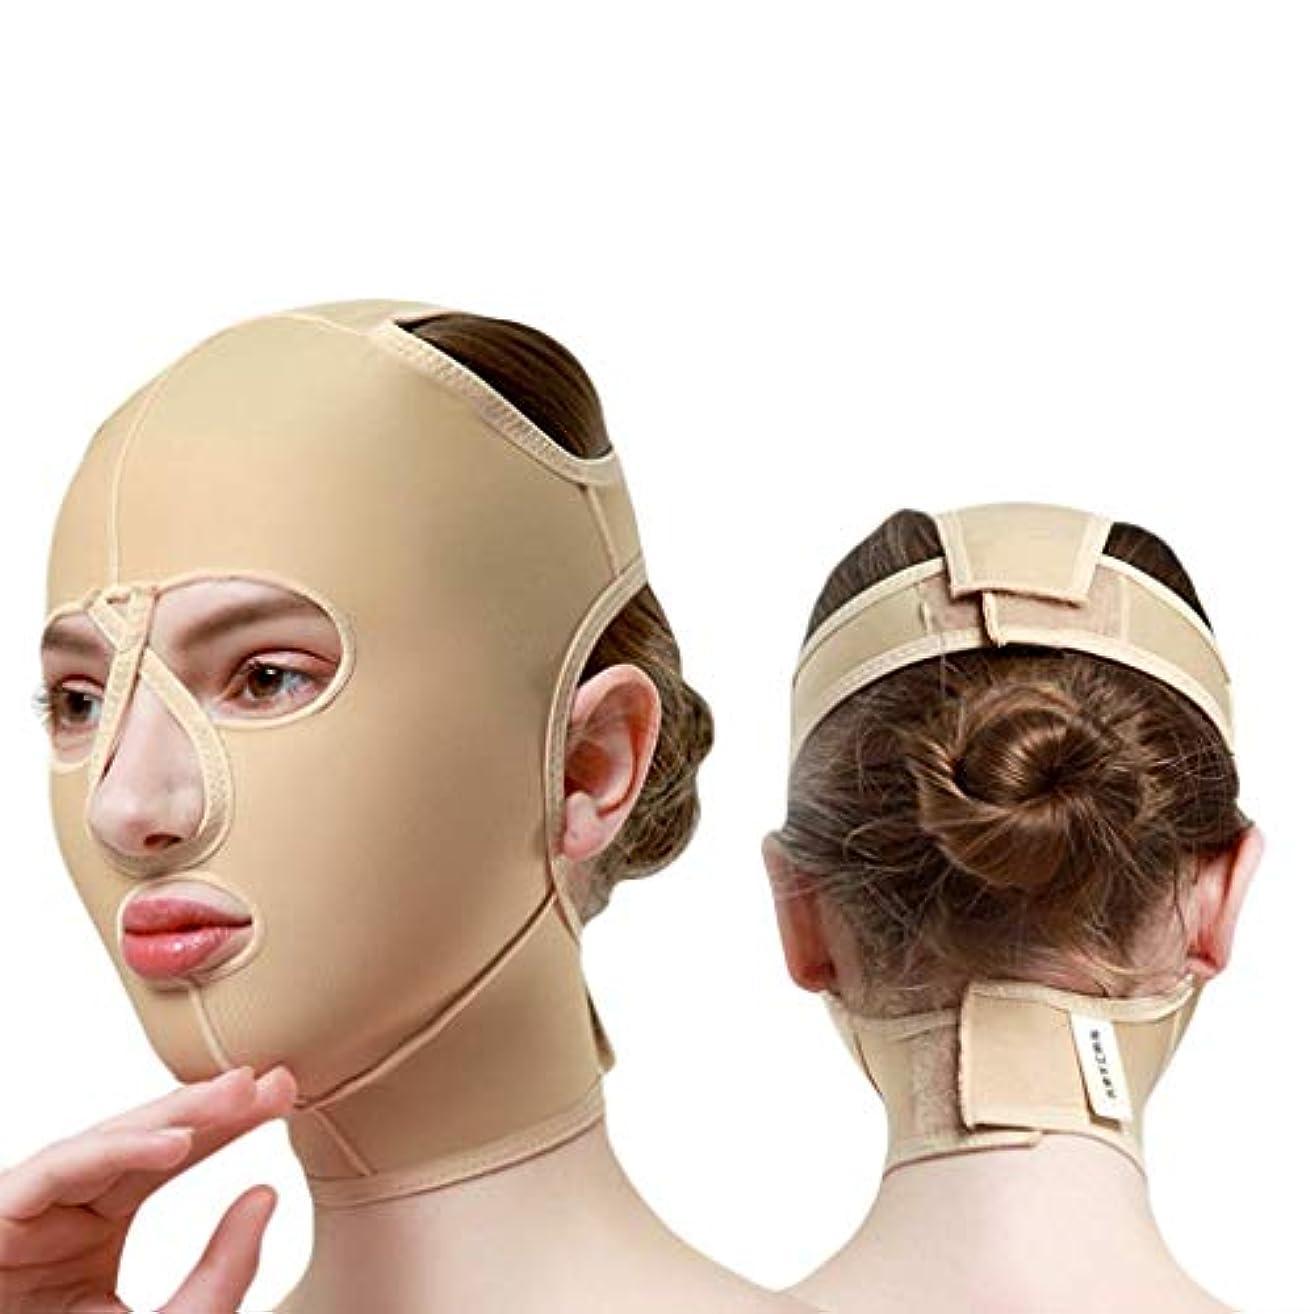 十年広がりボットチンストラップ、顔彫りツール、リフティングマスク、ダブルチンリデューサー、フェイスリフティングエラスティックマスクメス(サイズ:M),M